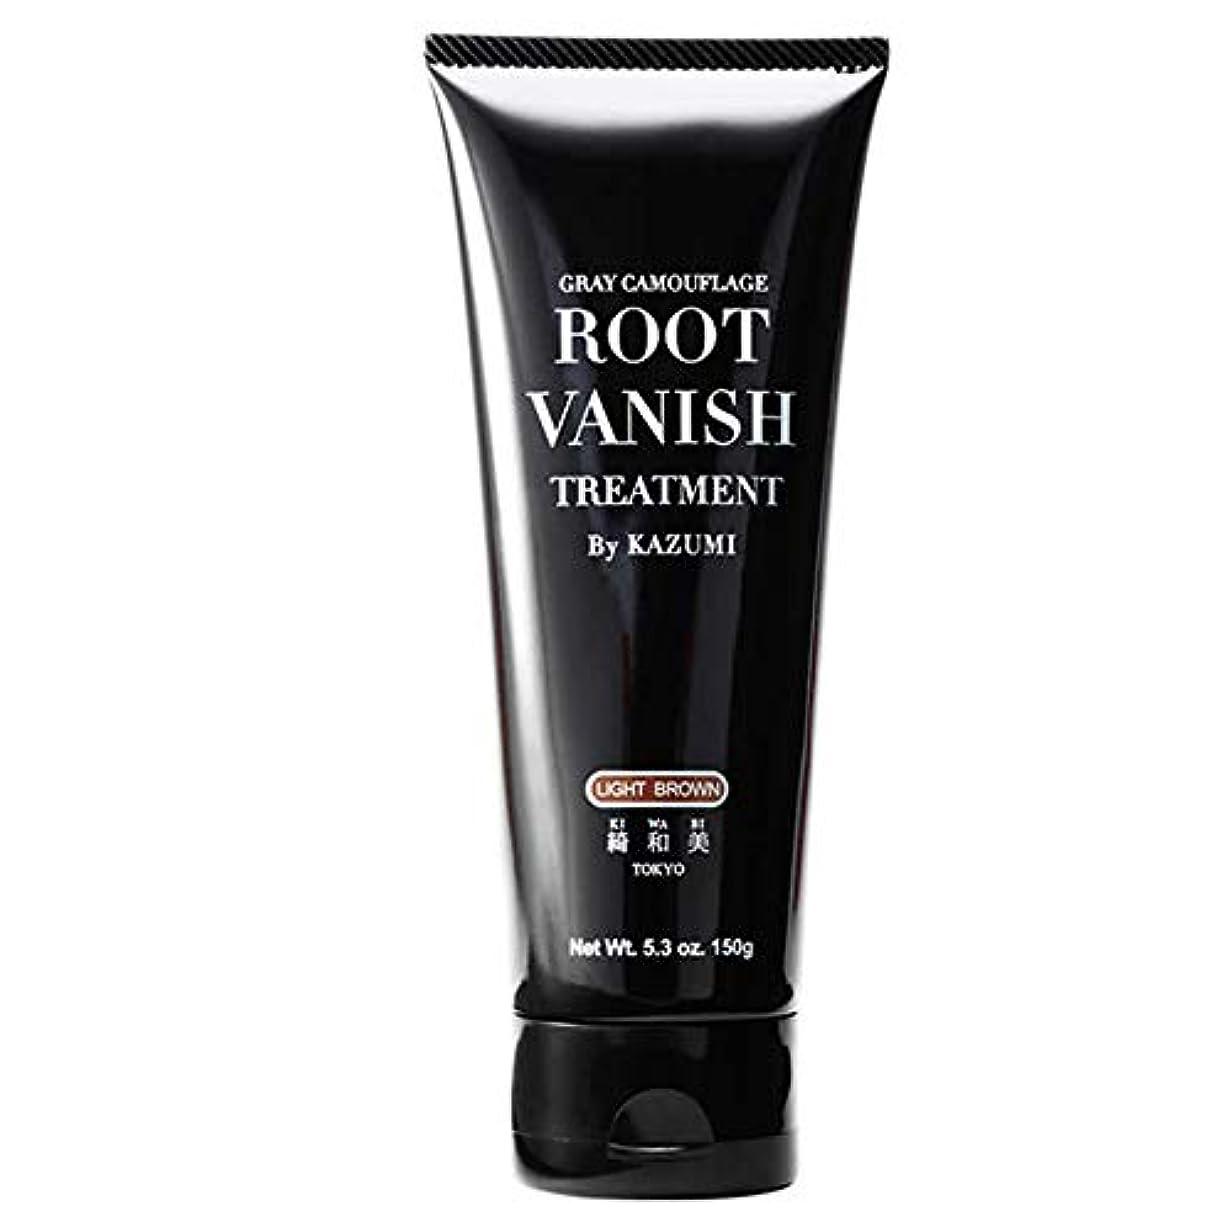 ラウズ好きである放牧するRoot Vanish 白髪染め (ライトブラウン) ヘアカラートリートメント 女性用 [100%天然成分 / 無添加22種類の植物エキス配合]